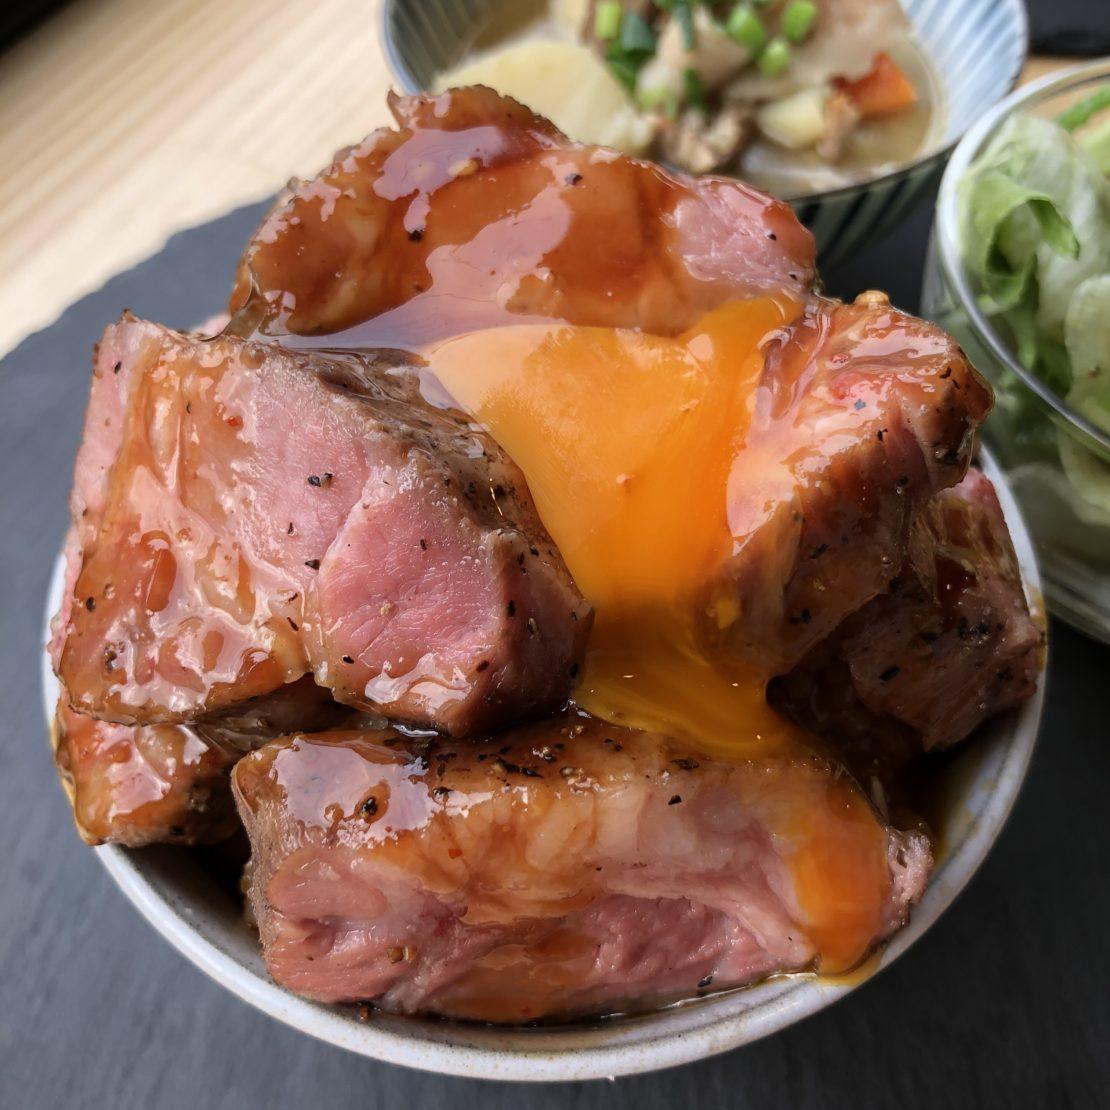 金山で絶品豚肉料理を味わう!「PORK STAND 3PIG(スリーピッグ)」 - 6bcebe4cef6c65cf8d96b0e2314c18d2 1110x1110